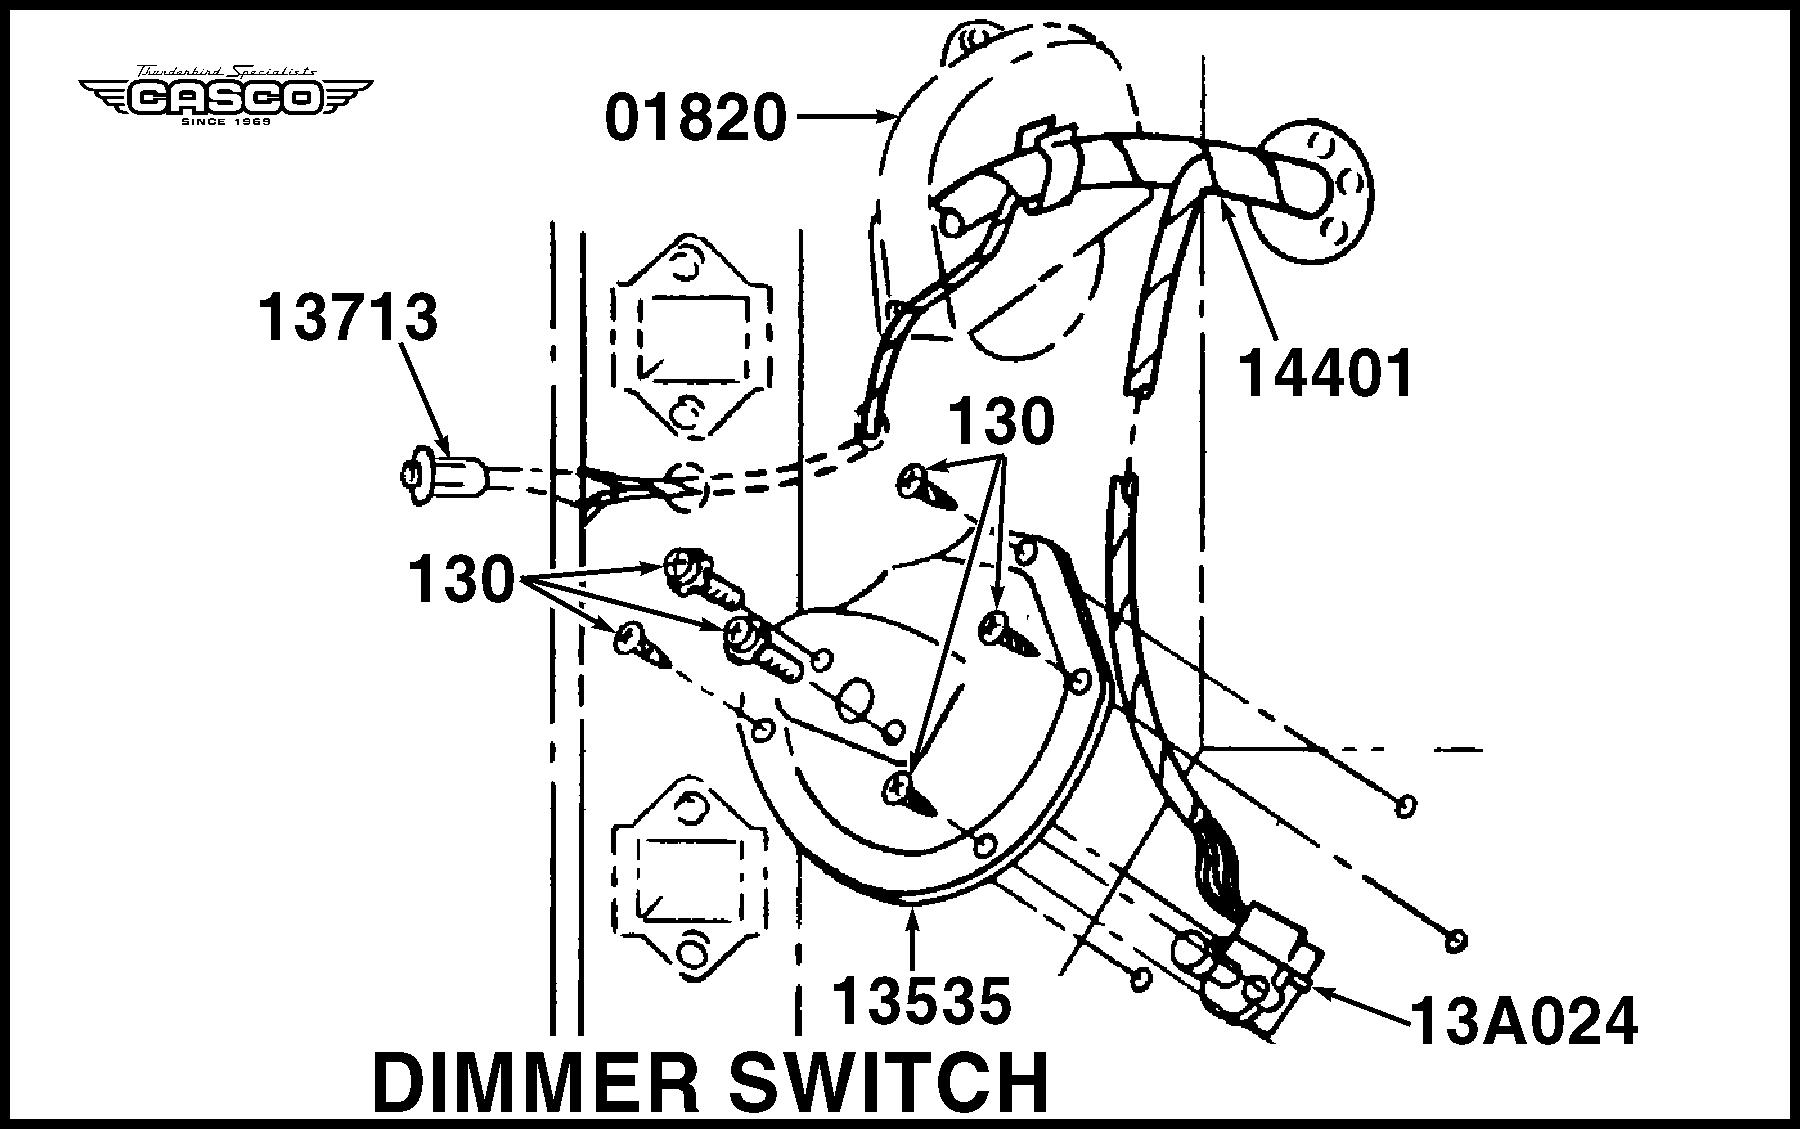 Install Kit - Dimmer Switch & Plate - 1 Per car-classictbird.com